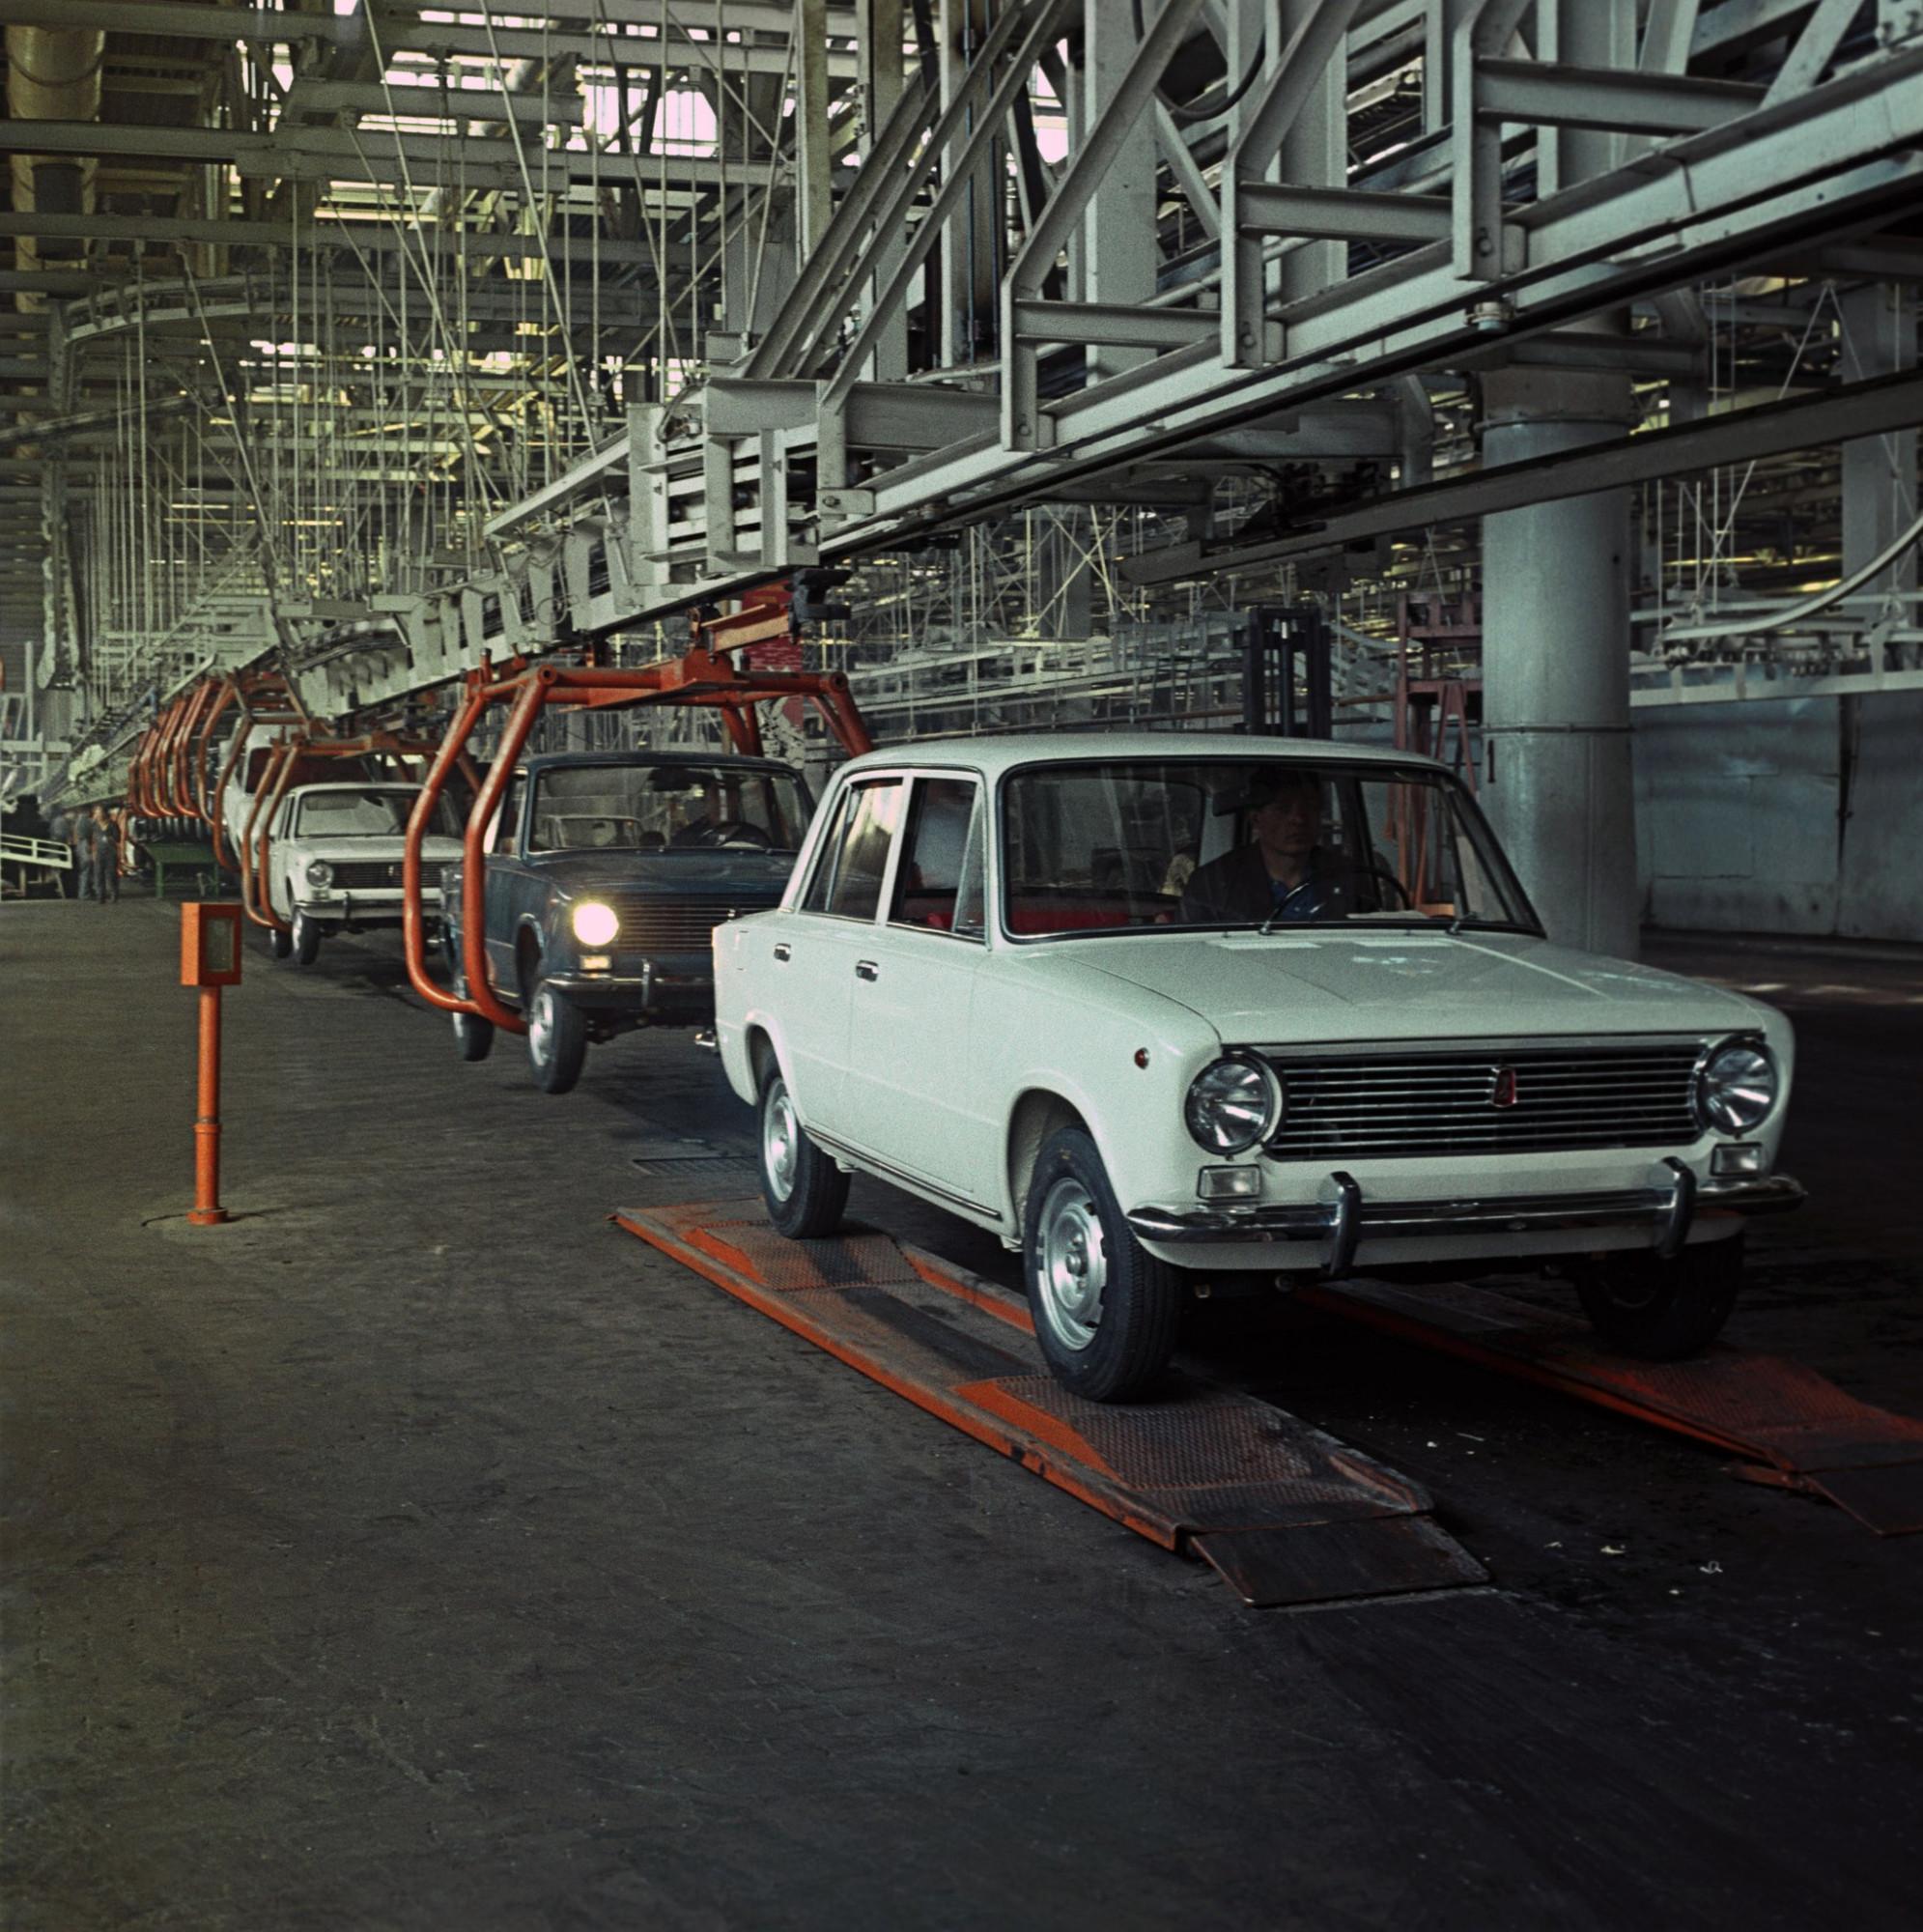 19 апреля 1970 года с главного конвейера завода сошли первые шесть автомобилей ВАЗ-2101